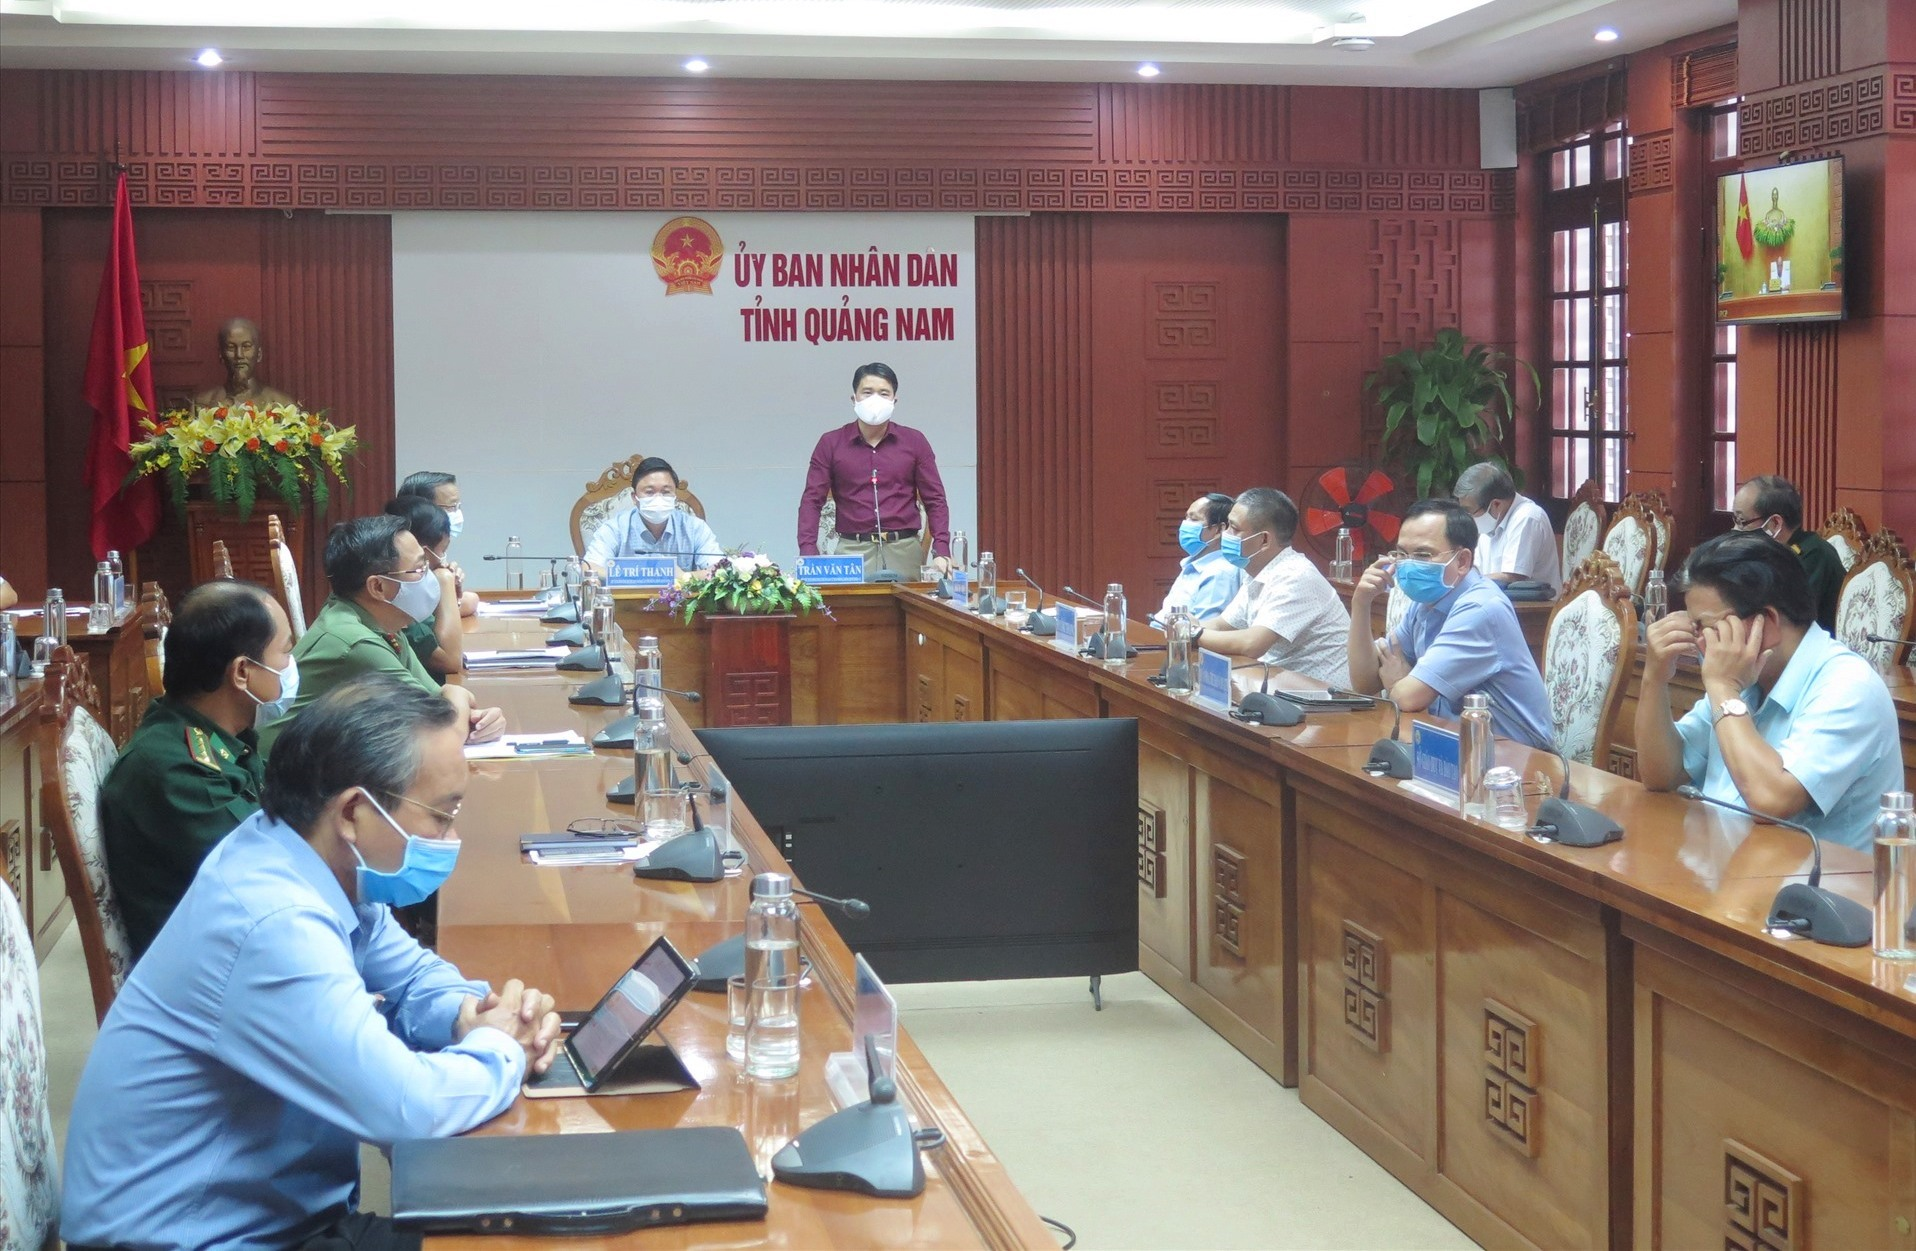 Phó Chủ tịch UBND tỉnh Trần Văn Tân báo cáo về tình hình phòng chống dịch bệnh tại Quảng Nam tại cuộc họp trực tuyến. Ảnh: X.H